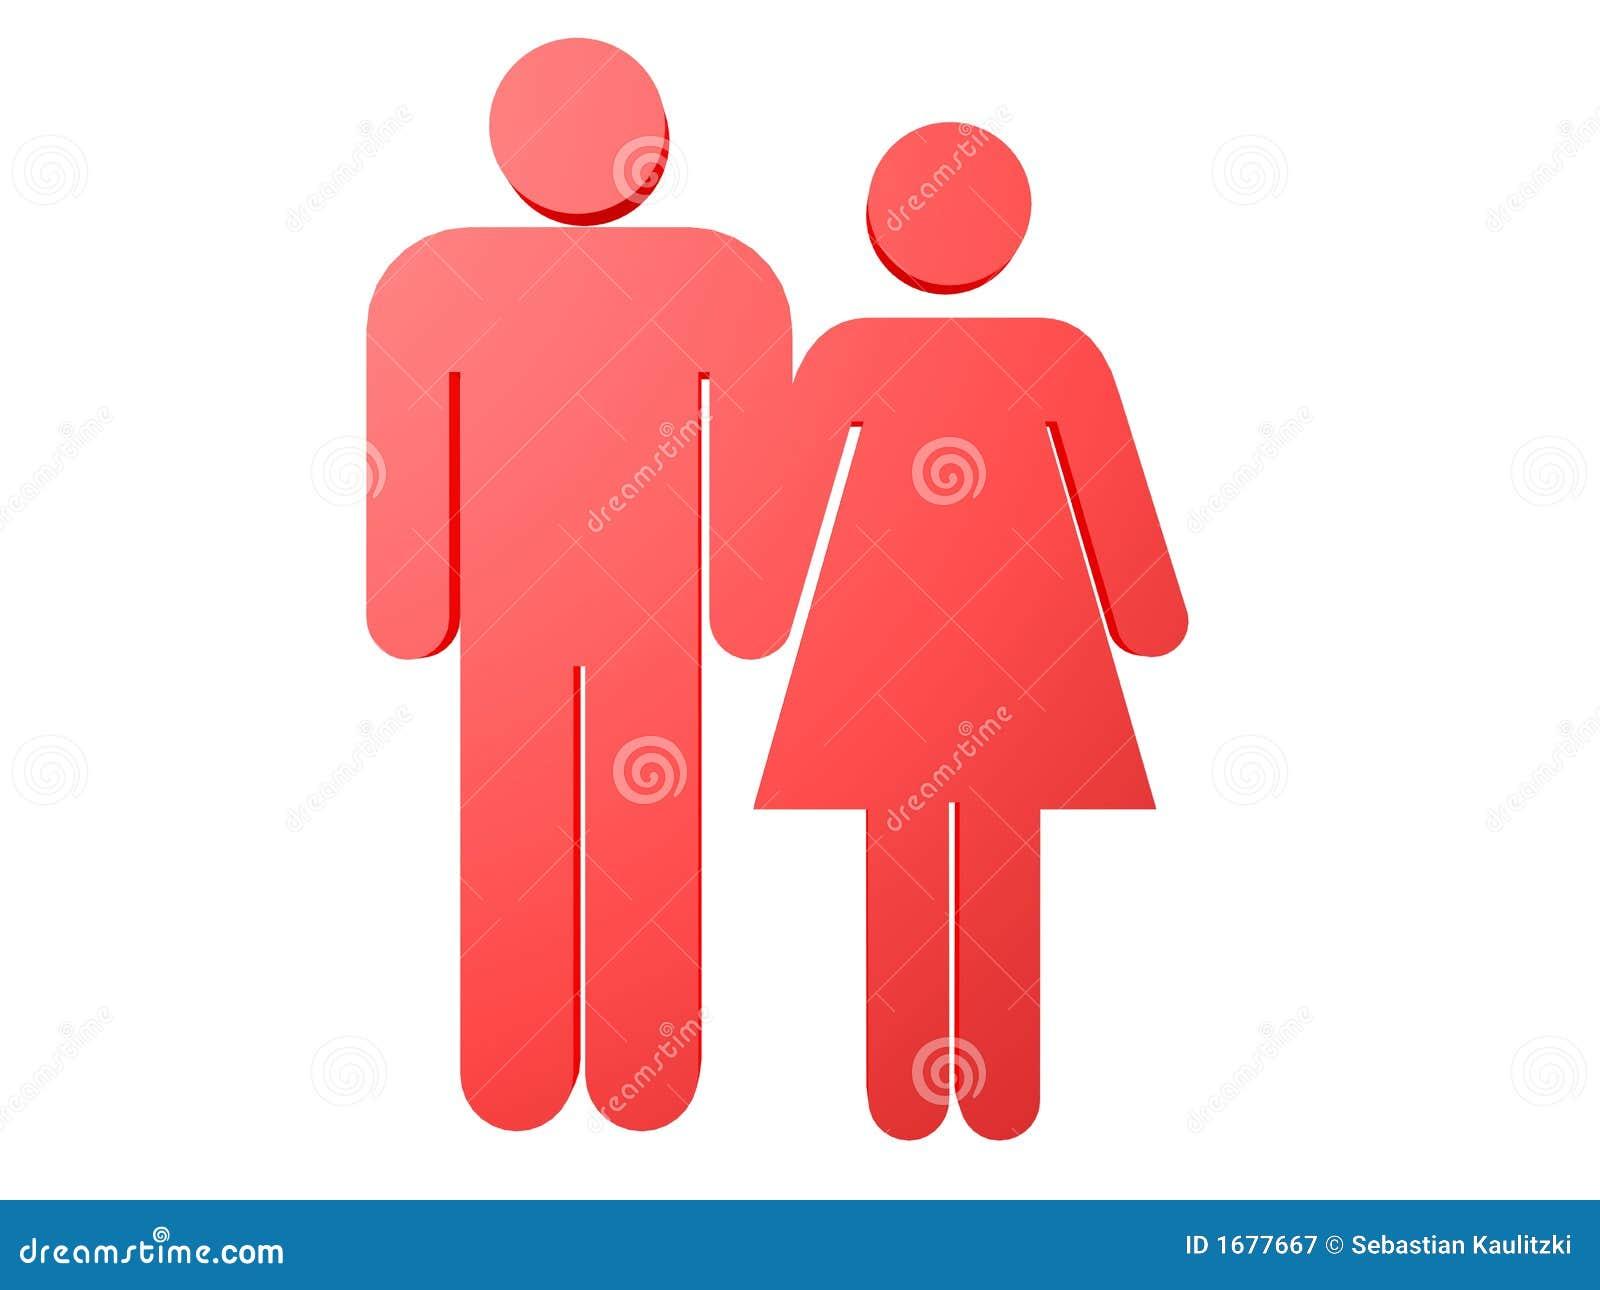 男性女性做爱片_女性男性符号 免版税图库摄影 - 图片: 1677667